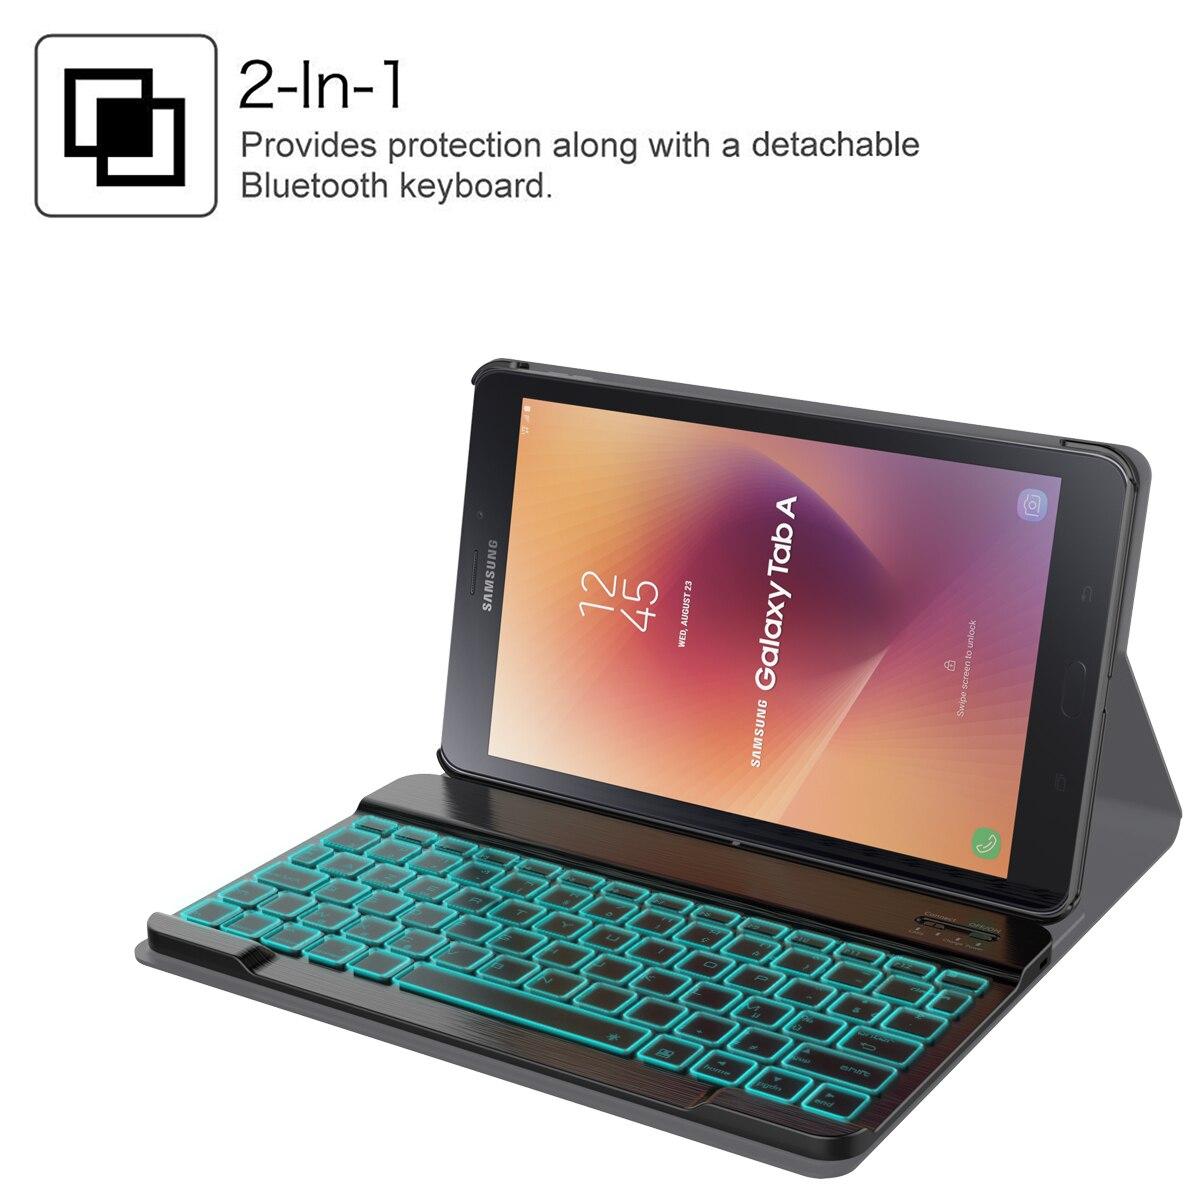 תאורה אחורית עבור Samsung Galaxy Tab 10.5 A2 עיצוב T595 T590 להפרדה Tablet איטלקית Bluetooth עם תאורה אחורית עור מקלדת מקרה ייחודי Stripe (3)